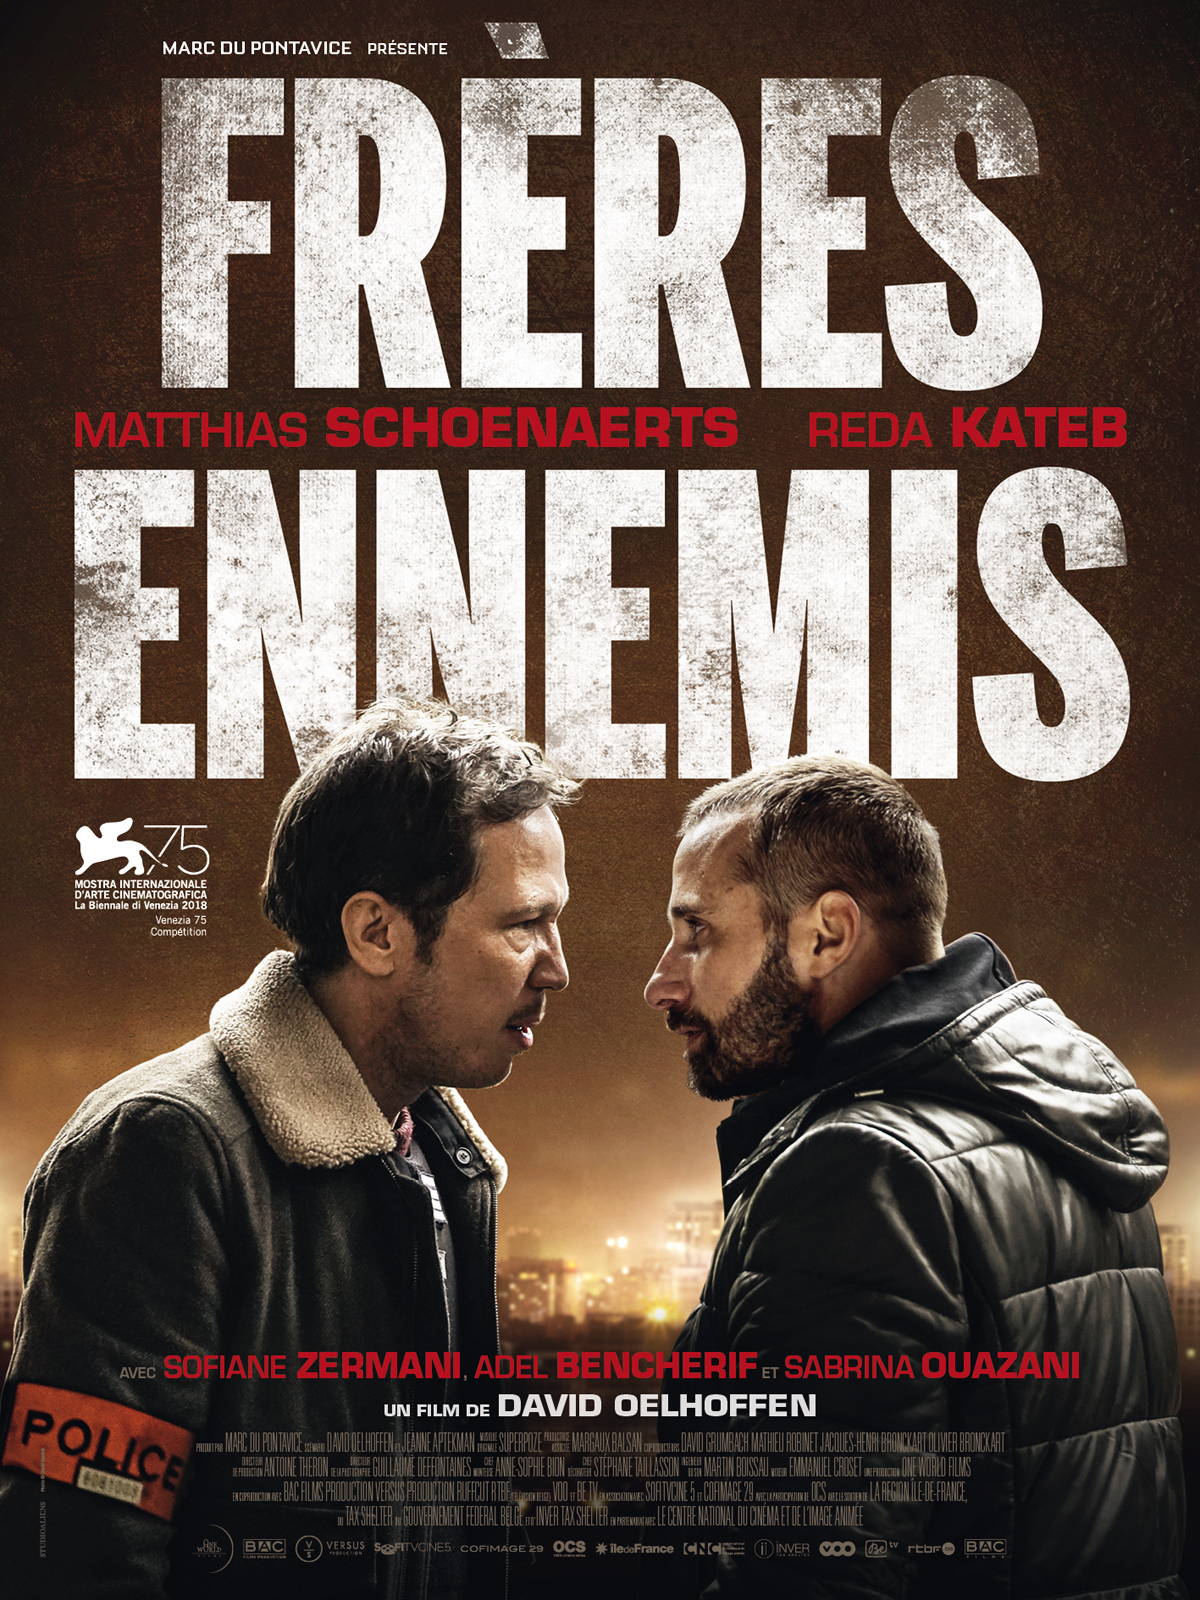 Film Trafic De Drogue Francais : trafic, drogue, francais, Dernières, Critiques, Frères, Ennemis, AlloCiné